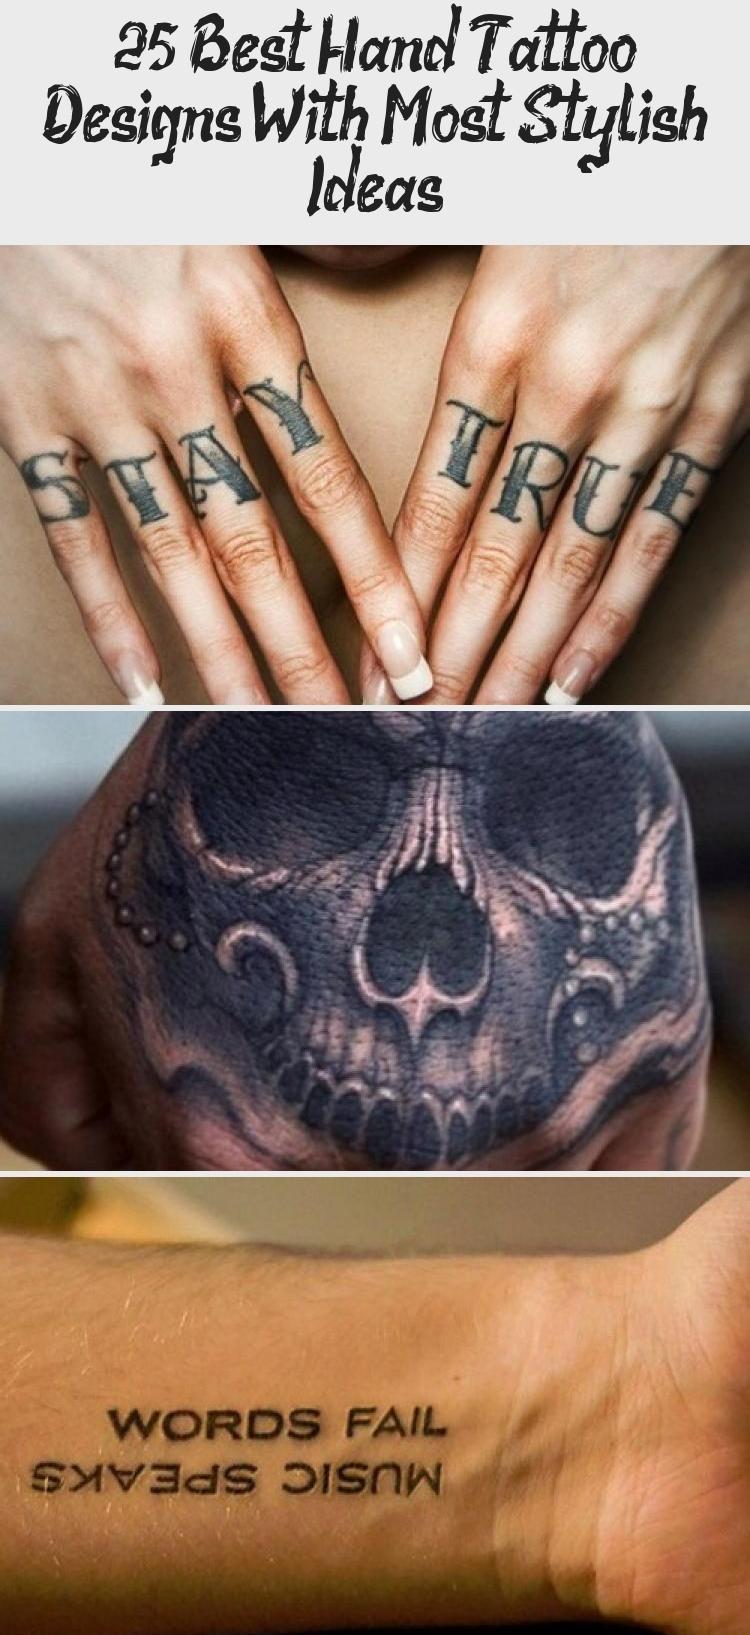 20 besten Hand Tattoo Designs mit den meisten stilvollen Ideen ...